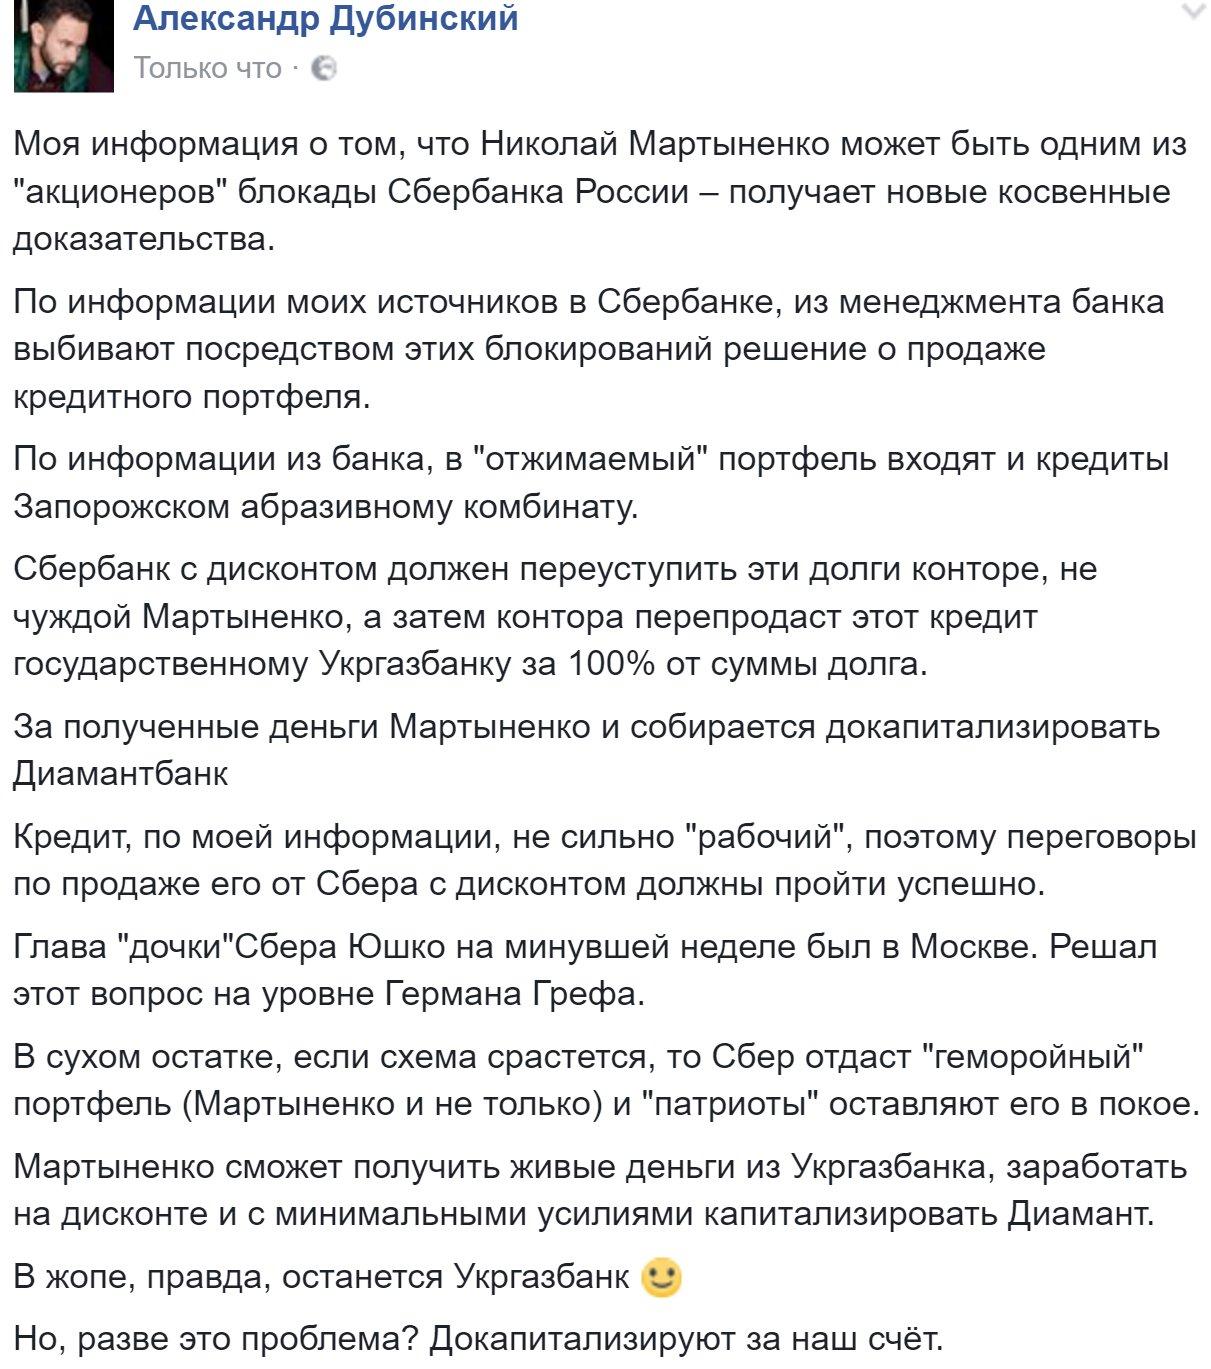 Сбербанк заявил, что не уходит из Украины - Цензор.НЕТ 9687